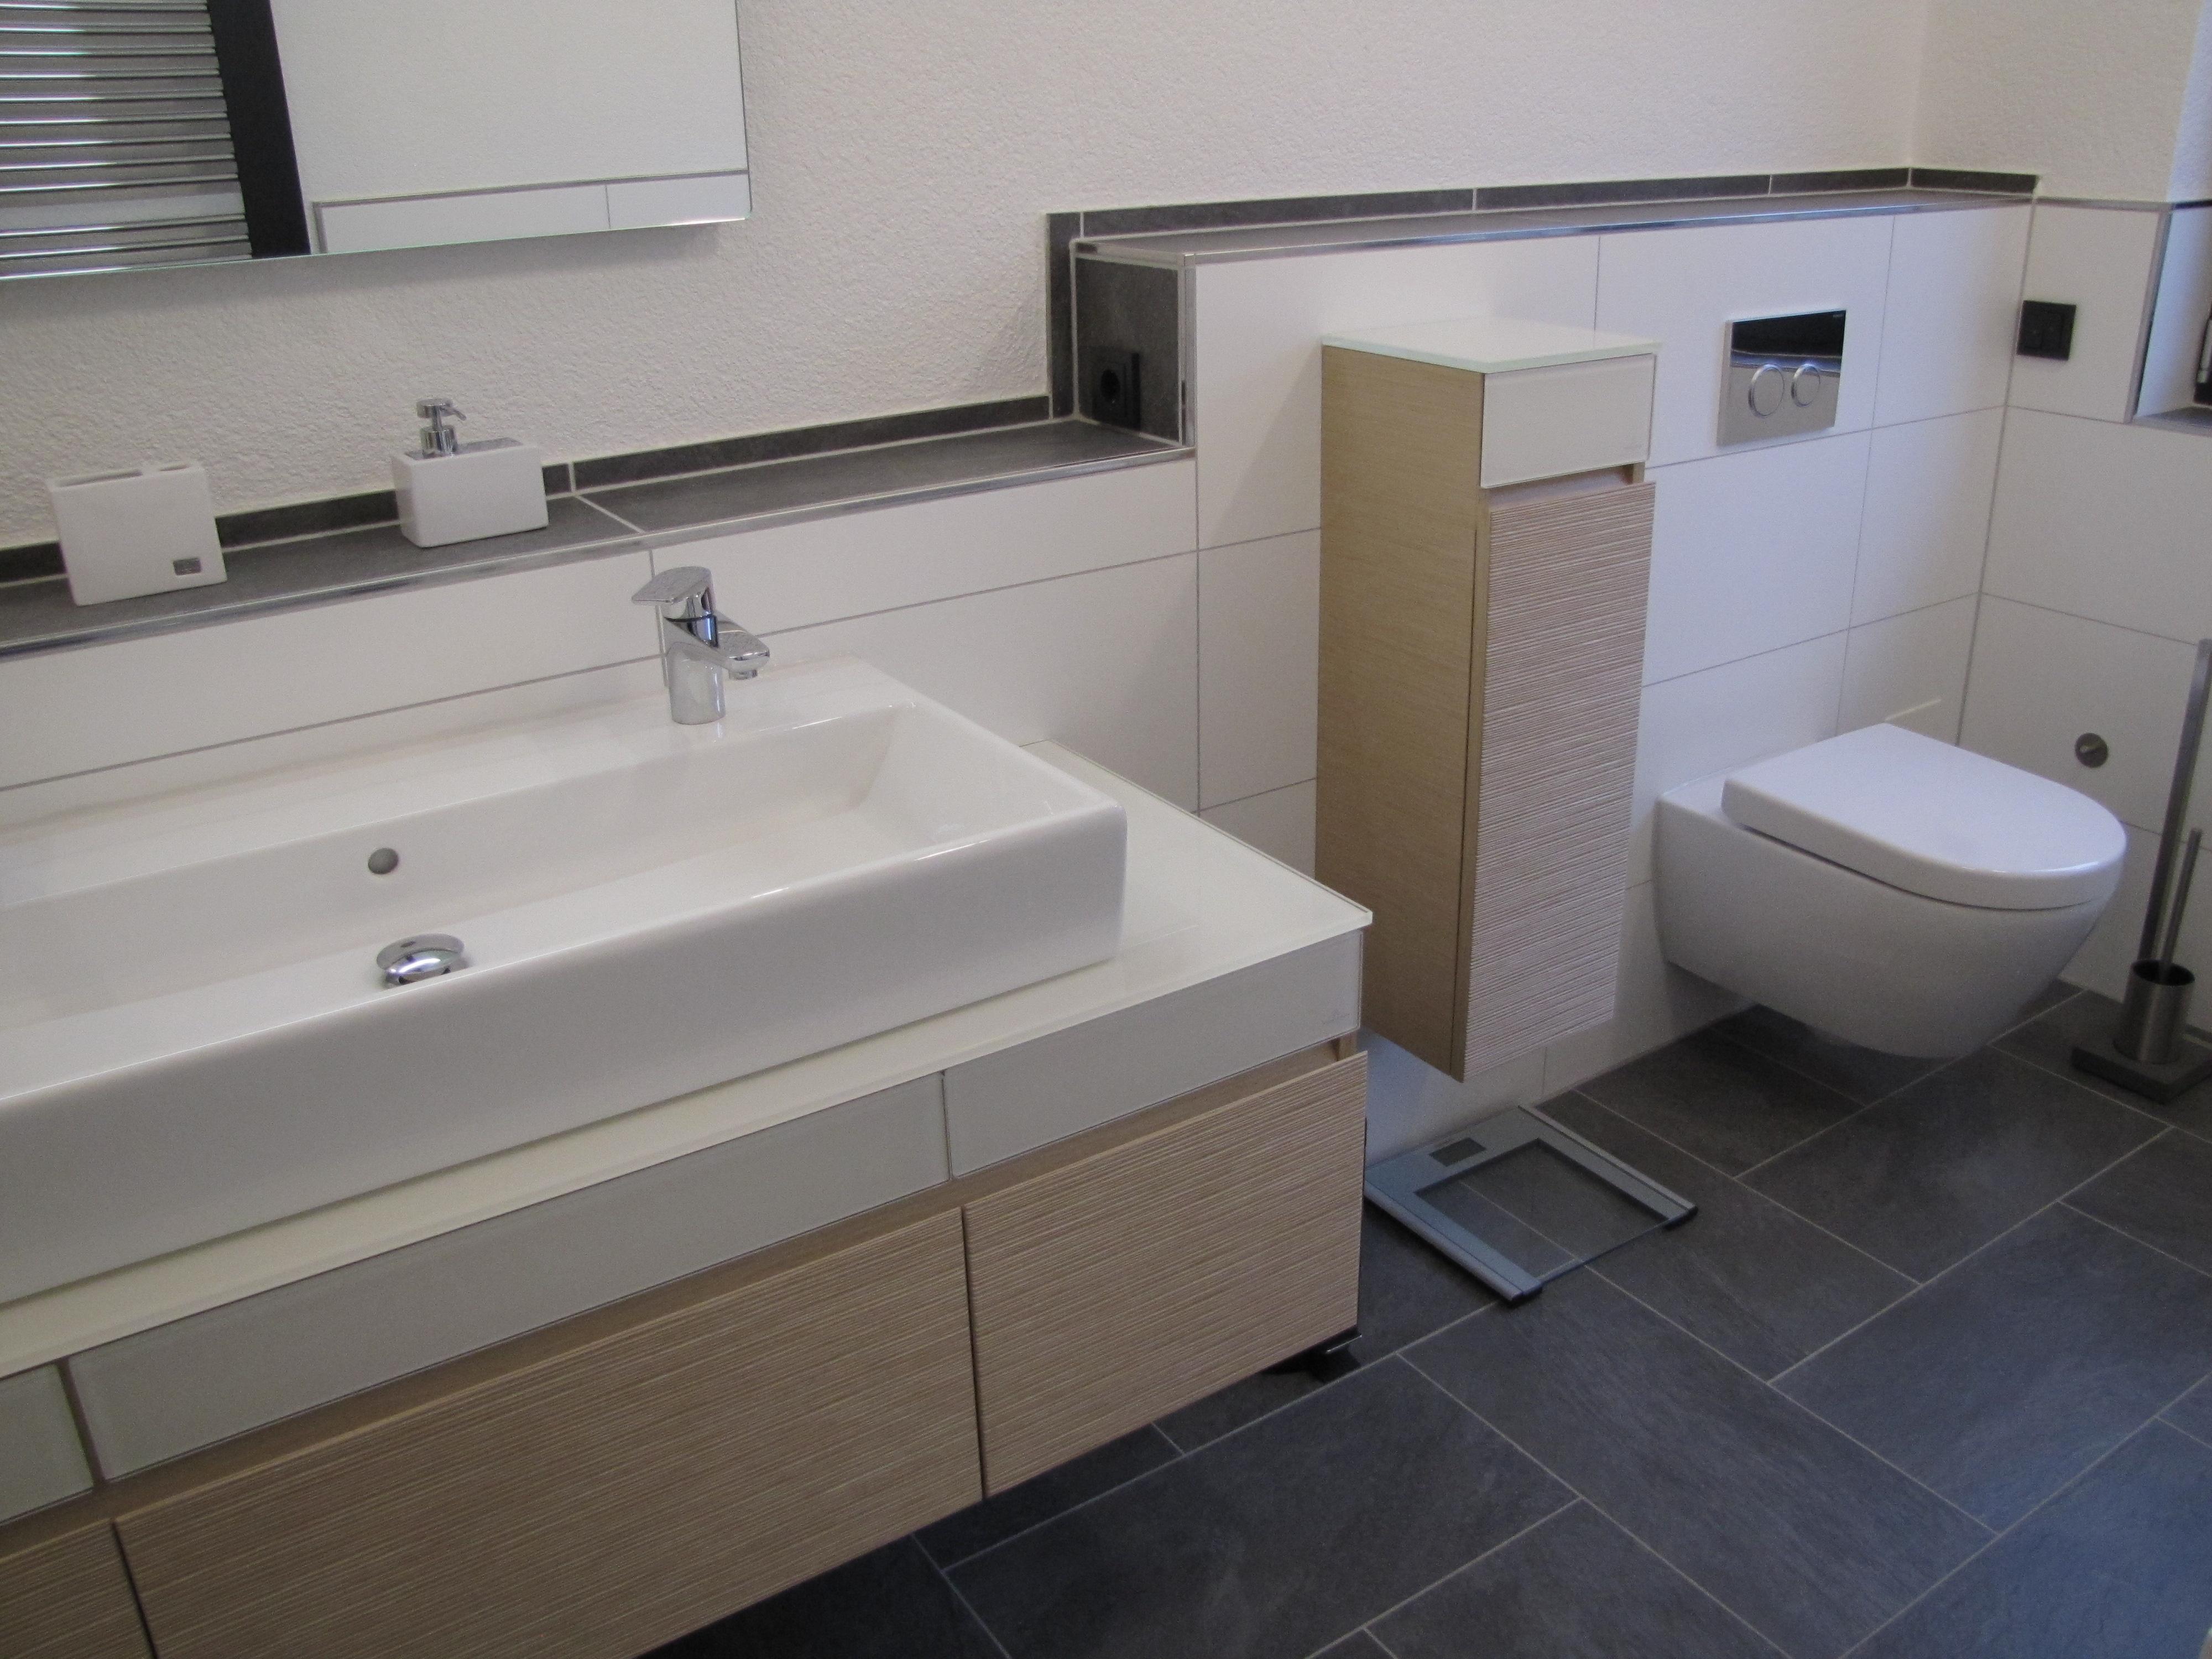 Dillingen - Waschbecken und WC